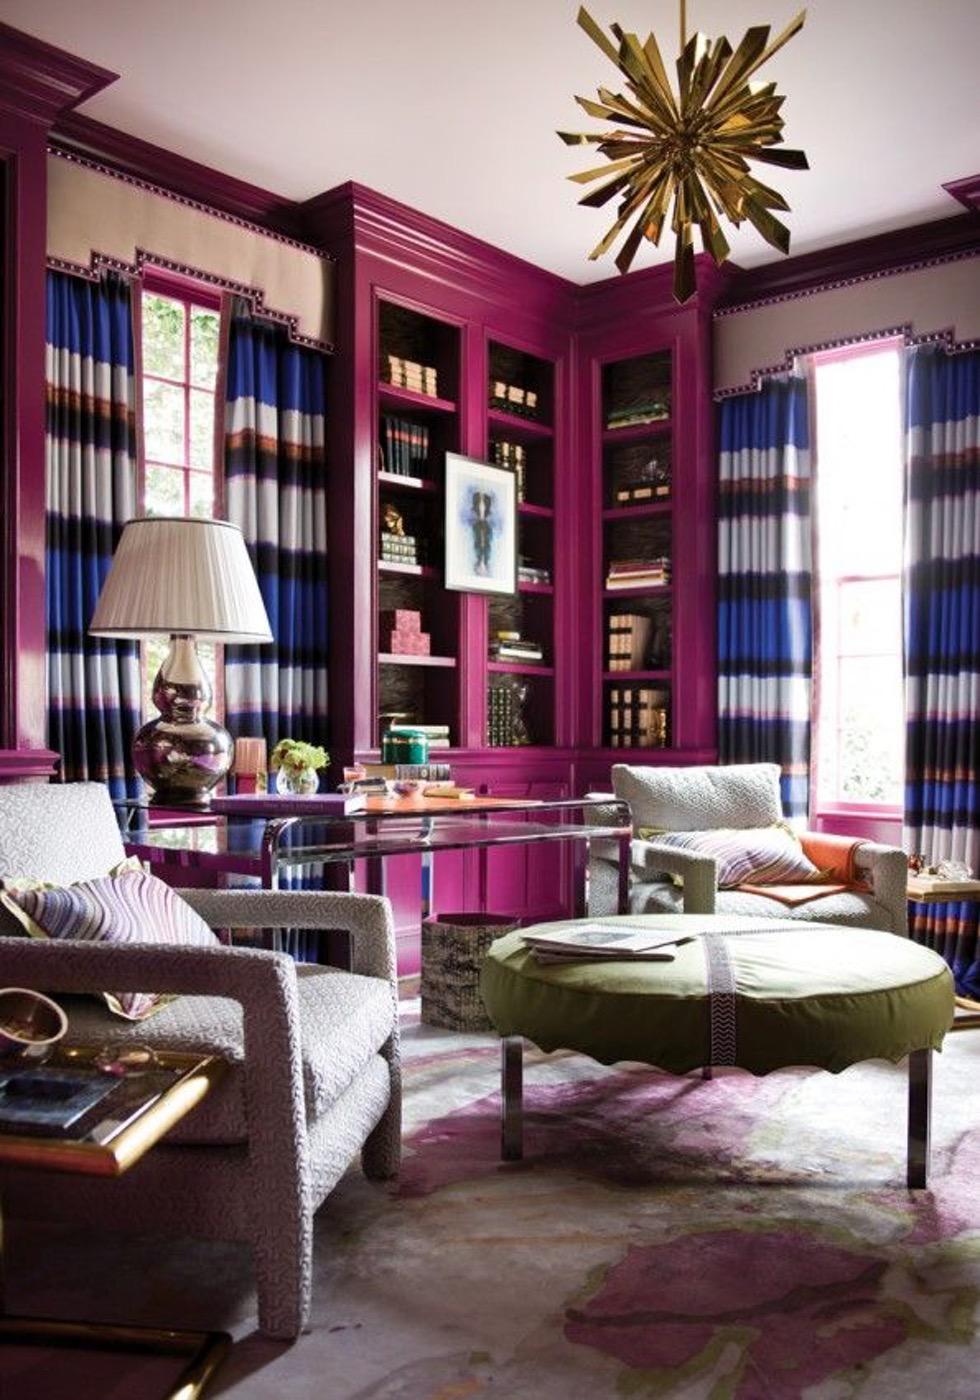 Interior design byLindsey Coral Harper Interior Design